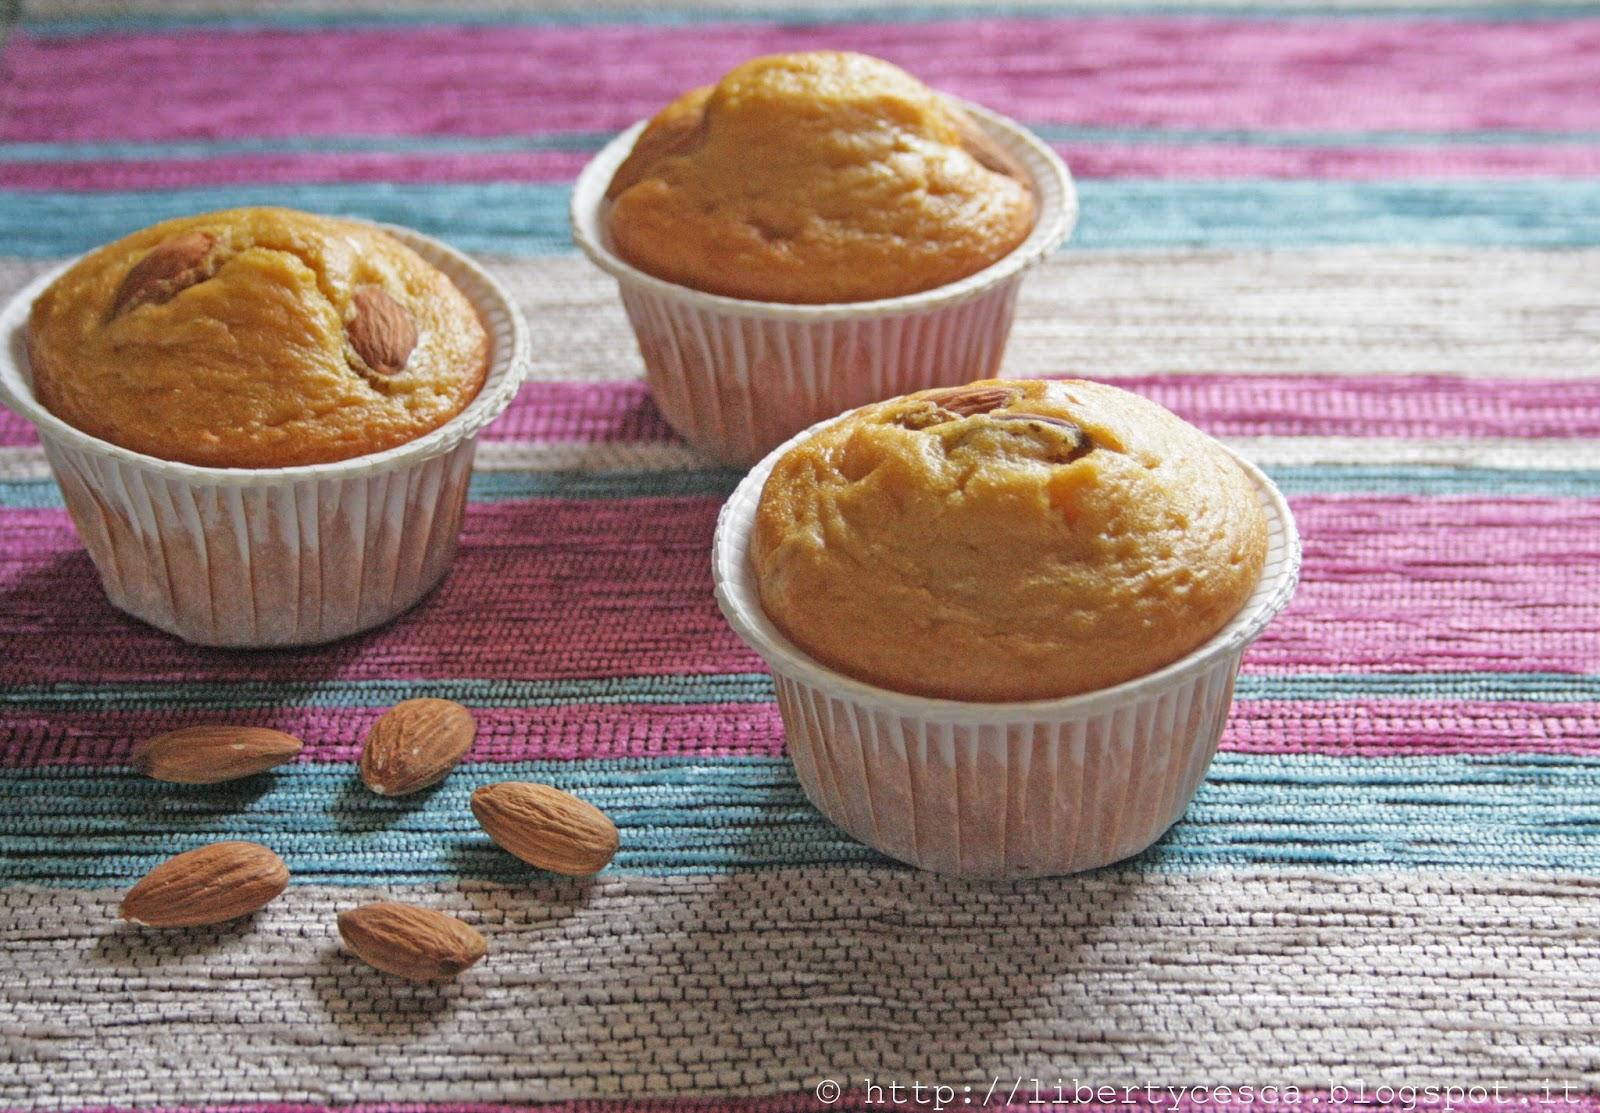 muffins con mandorle e fiordifrutta alle albicocche rda / almonds muffins with rda apricot jam